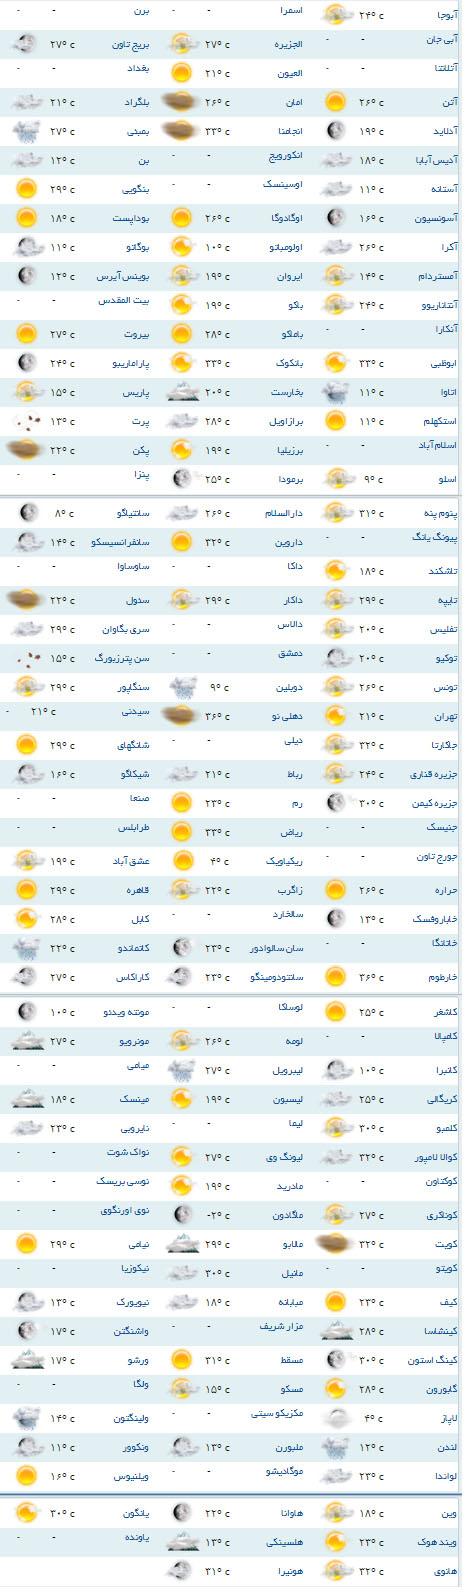 سردترین و گرمترین شهرهای جهان کدام اند؟ +جدول